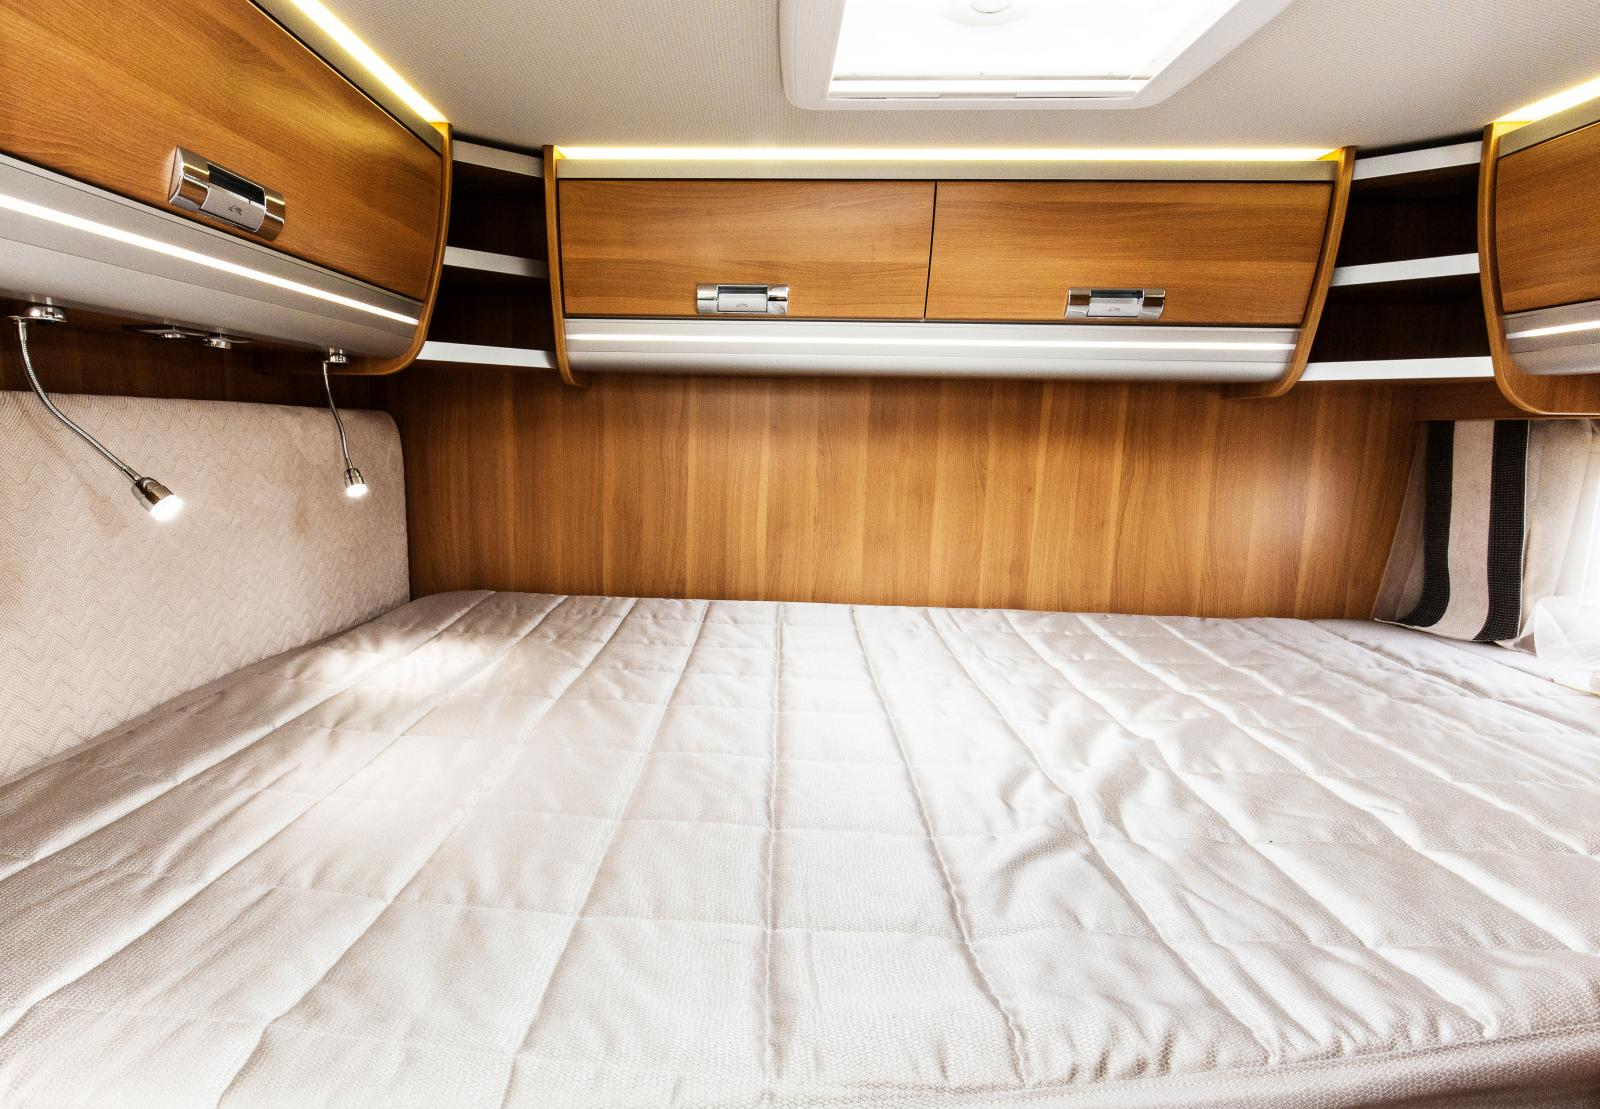 Laika Ecovip 600. Vill man ha en kort husbil så är det vanligt med tvärställda sängar. Det ger mer plats till övrig möblering i husbilen.